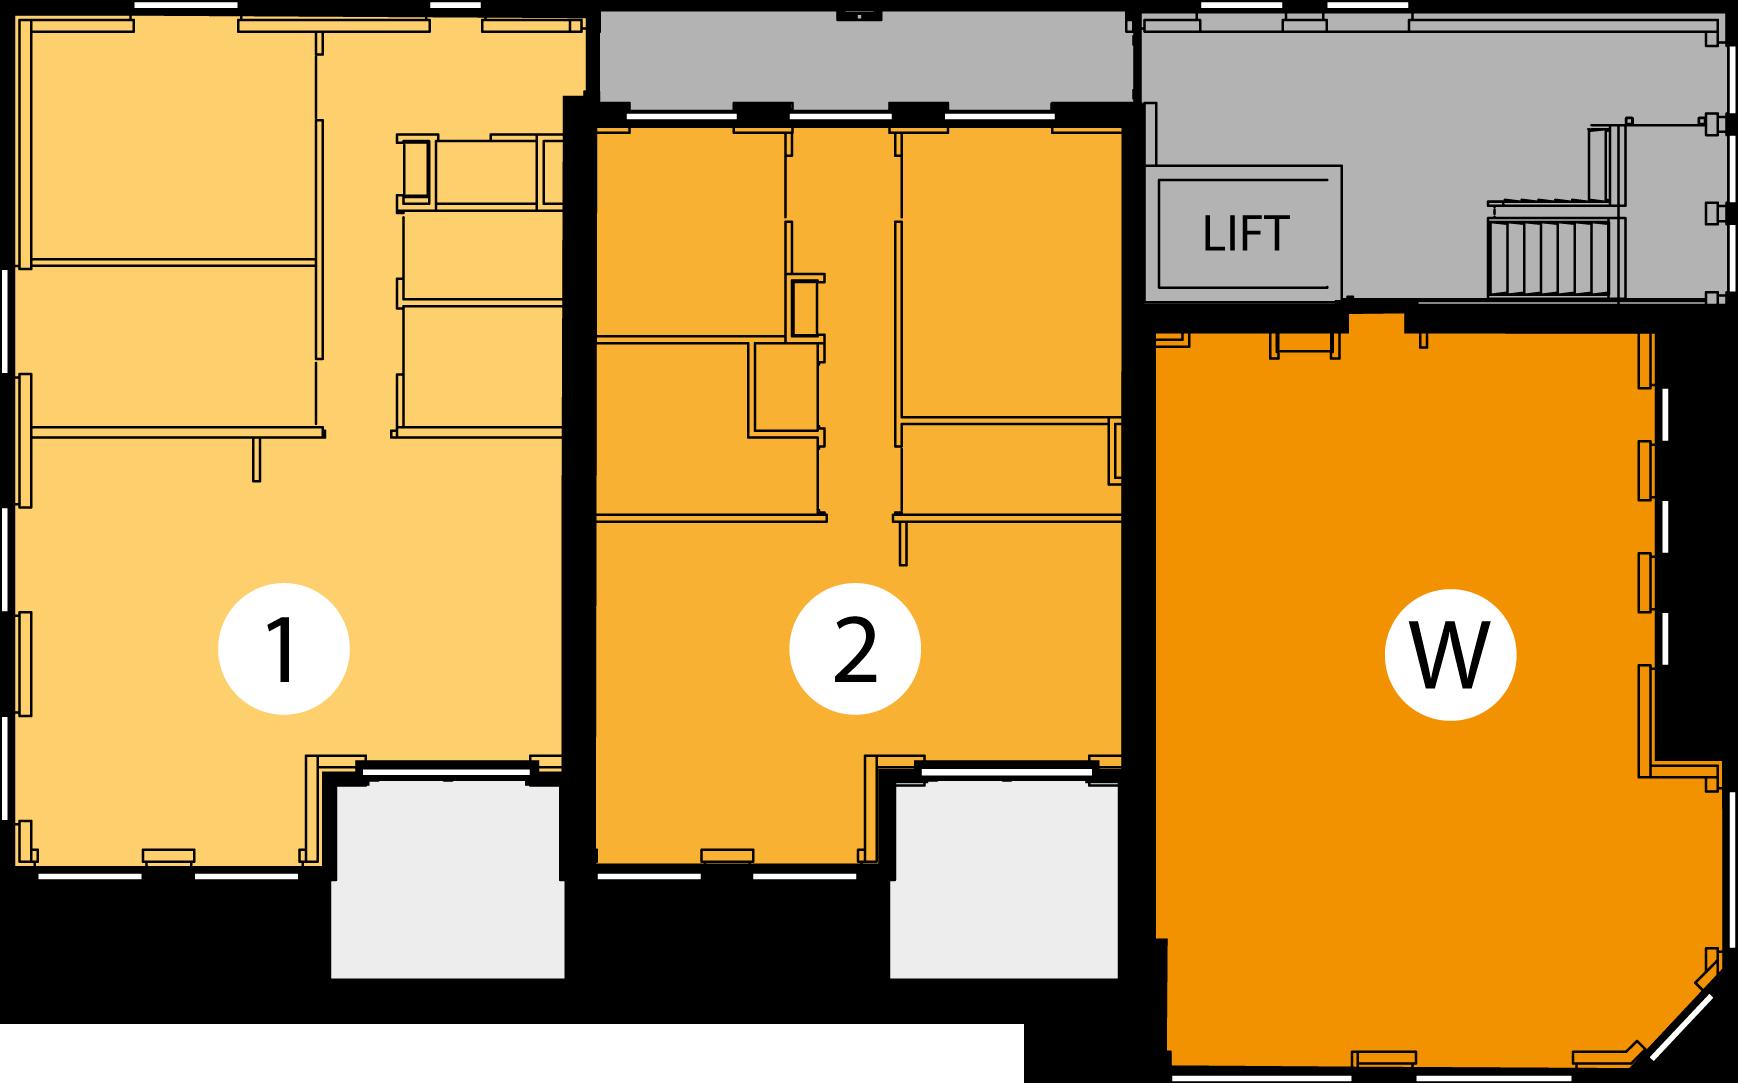 Appartementen 1 en 2 en winkelruimte (W)